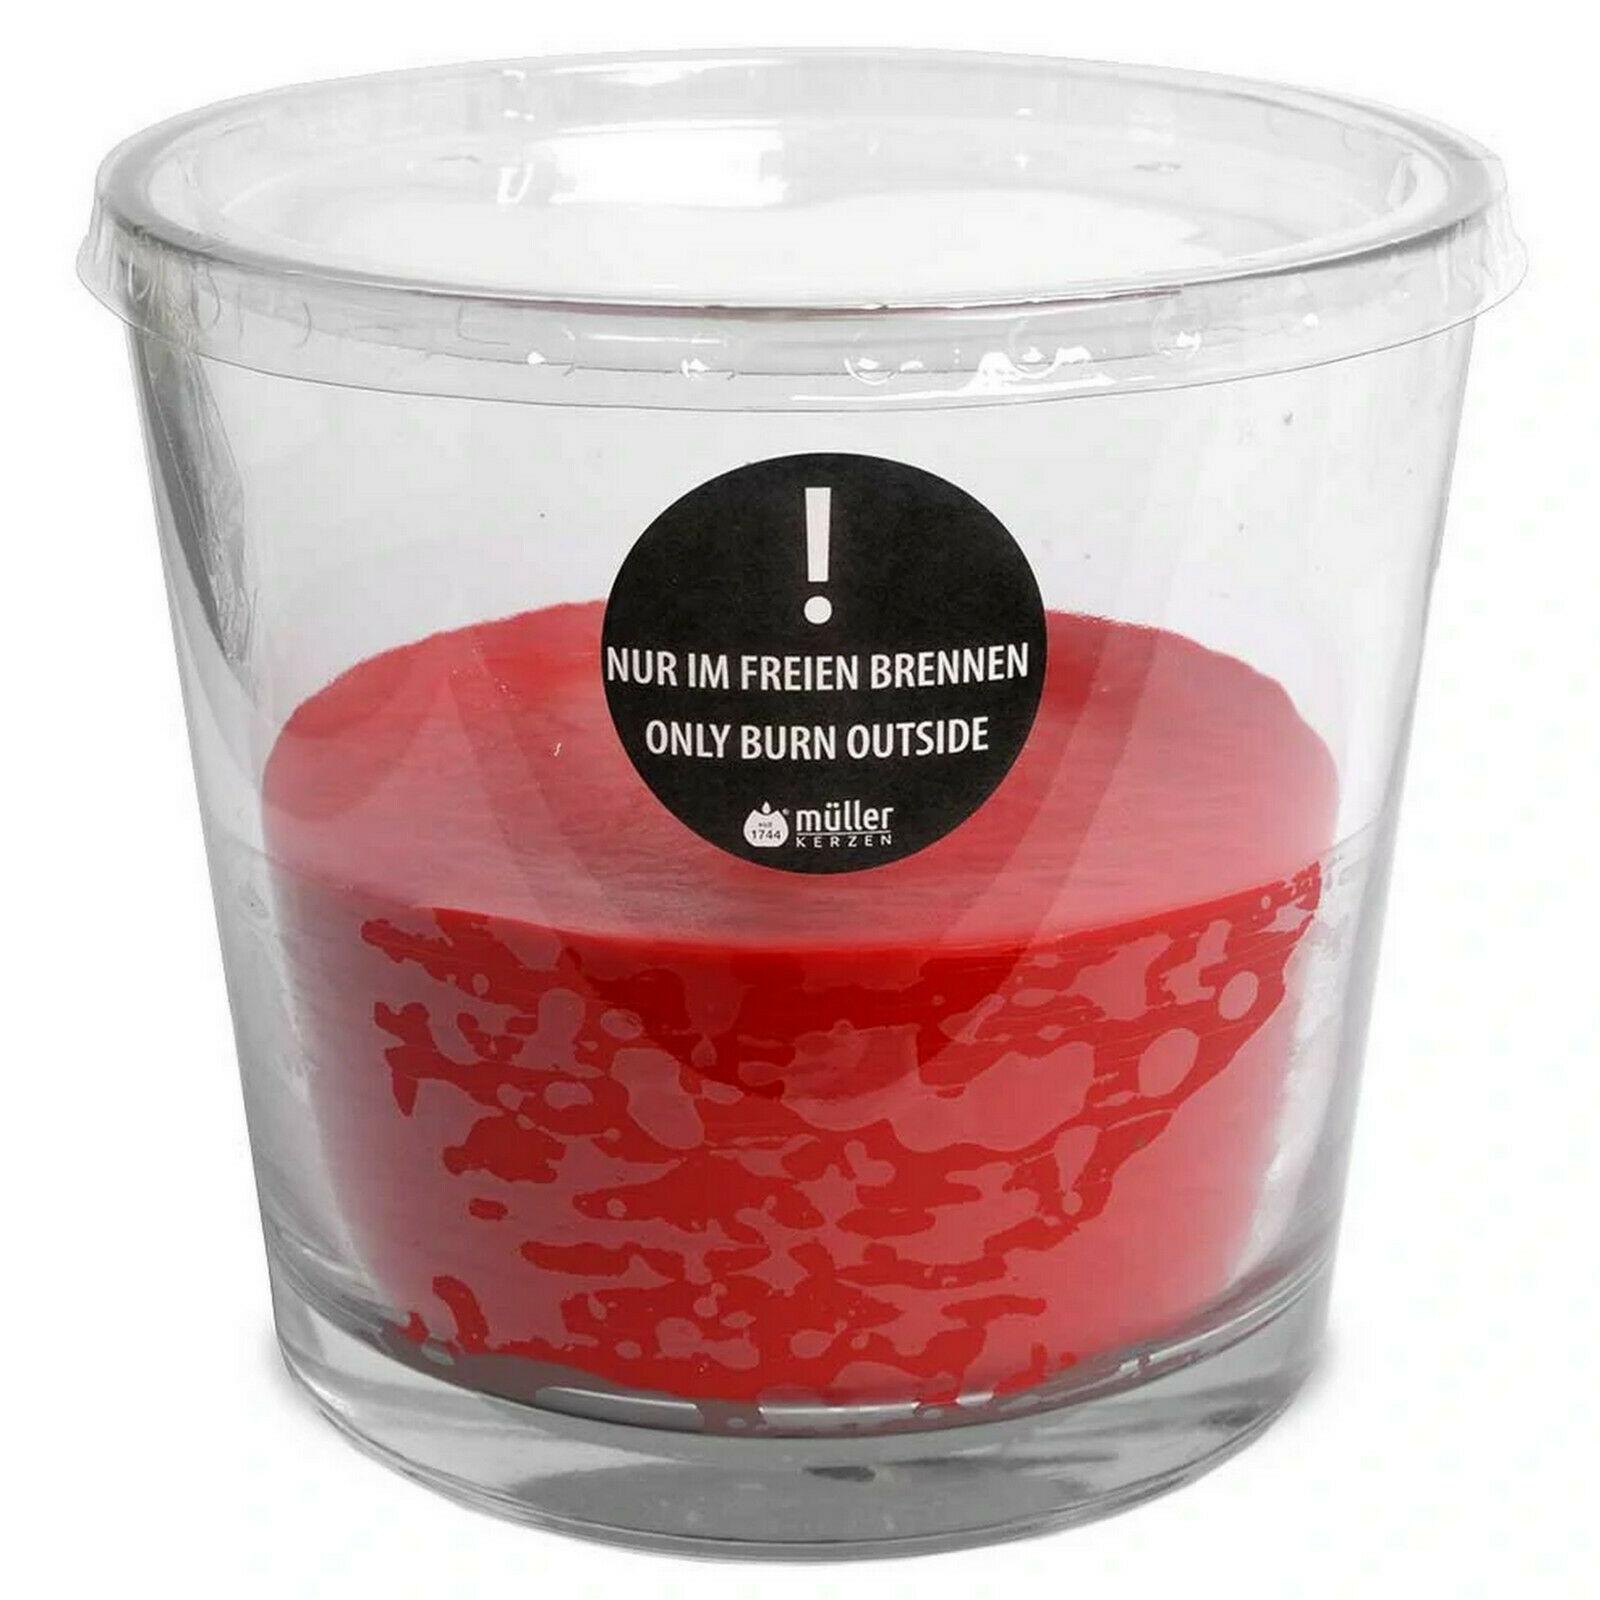 XXL Outdoor Kerzenglas Kerze im Glas Ø 170x160mm 2,7kg Gartenkerze Feuerschale